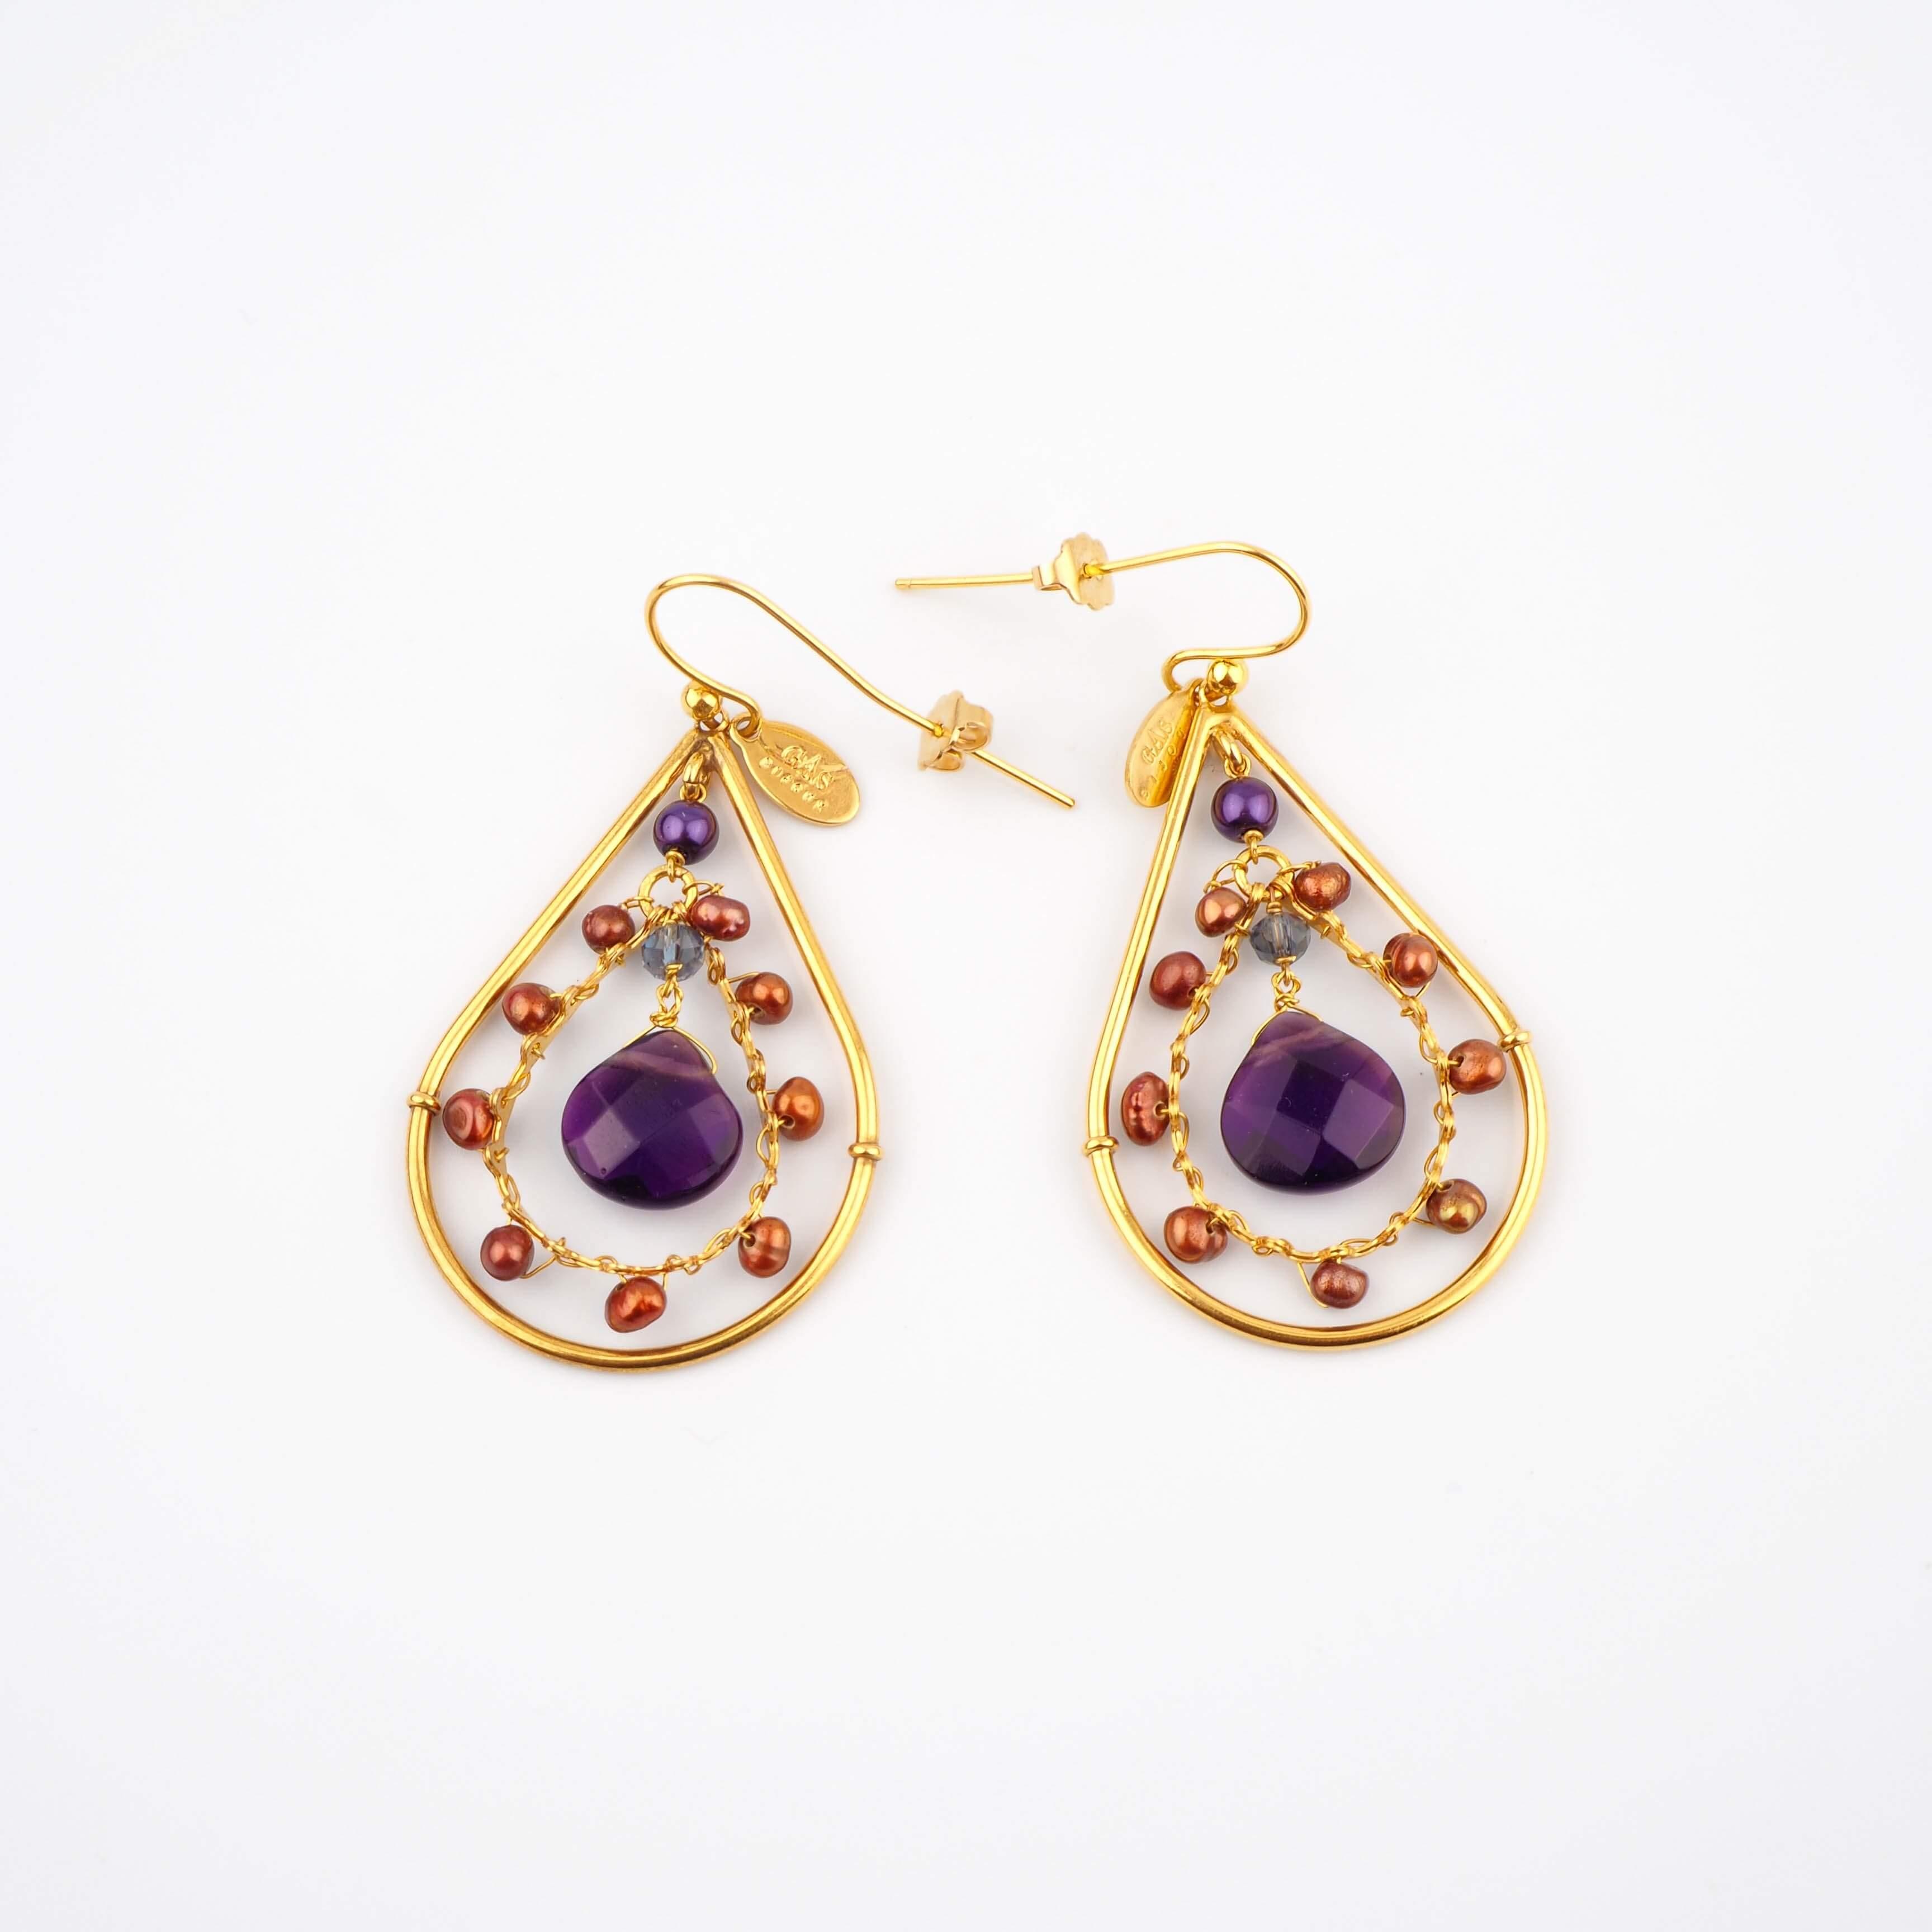 Boucles d'oreilles Orphée mini - Gas bijoux